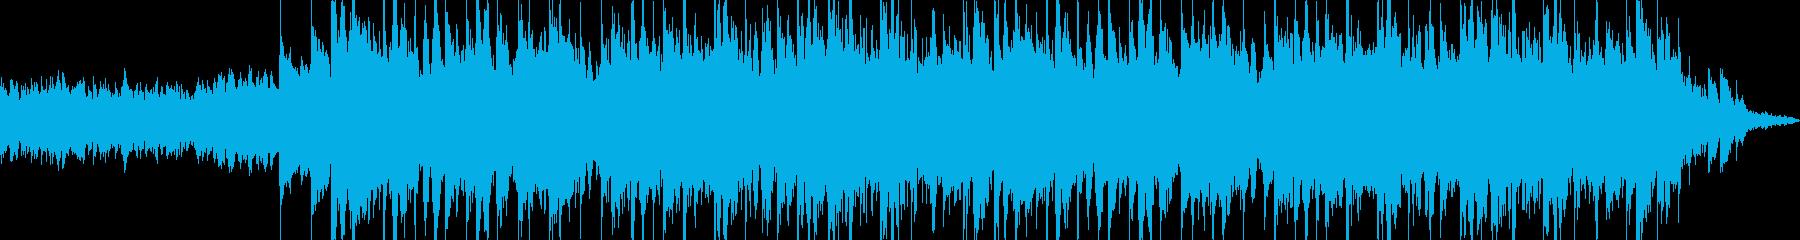 ピアノとシンセのメロディーとイギリ...の再生済みの波形